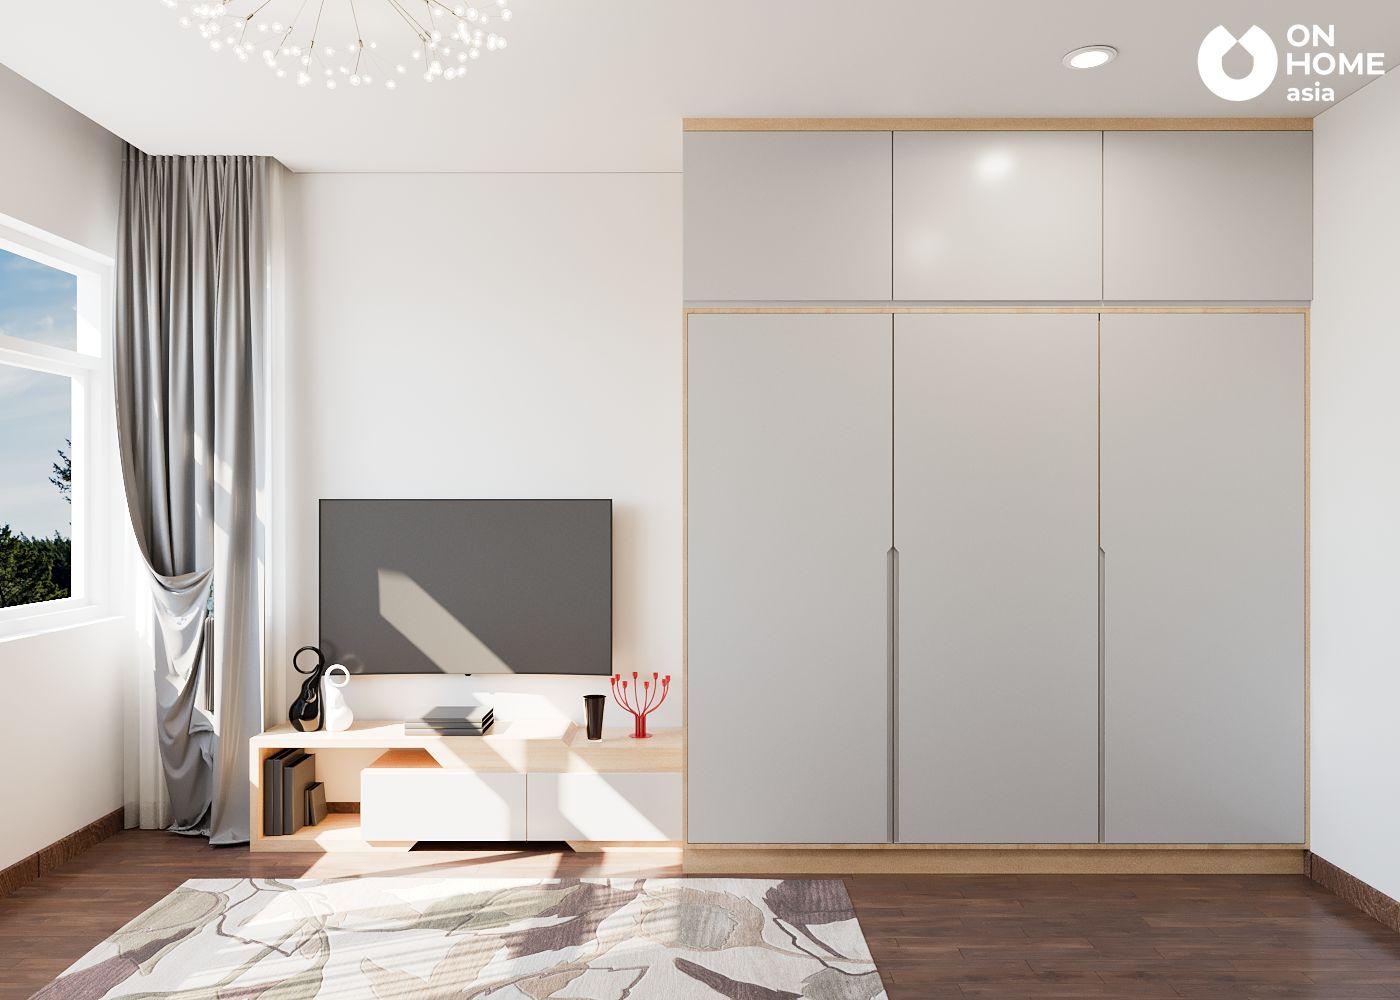 phòng ngủ căn hộ Habitat